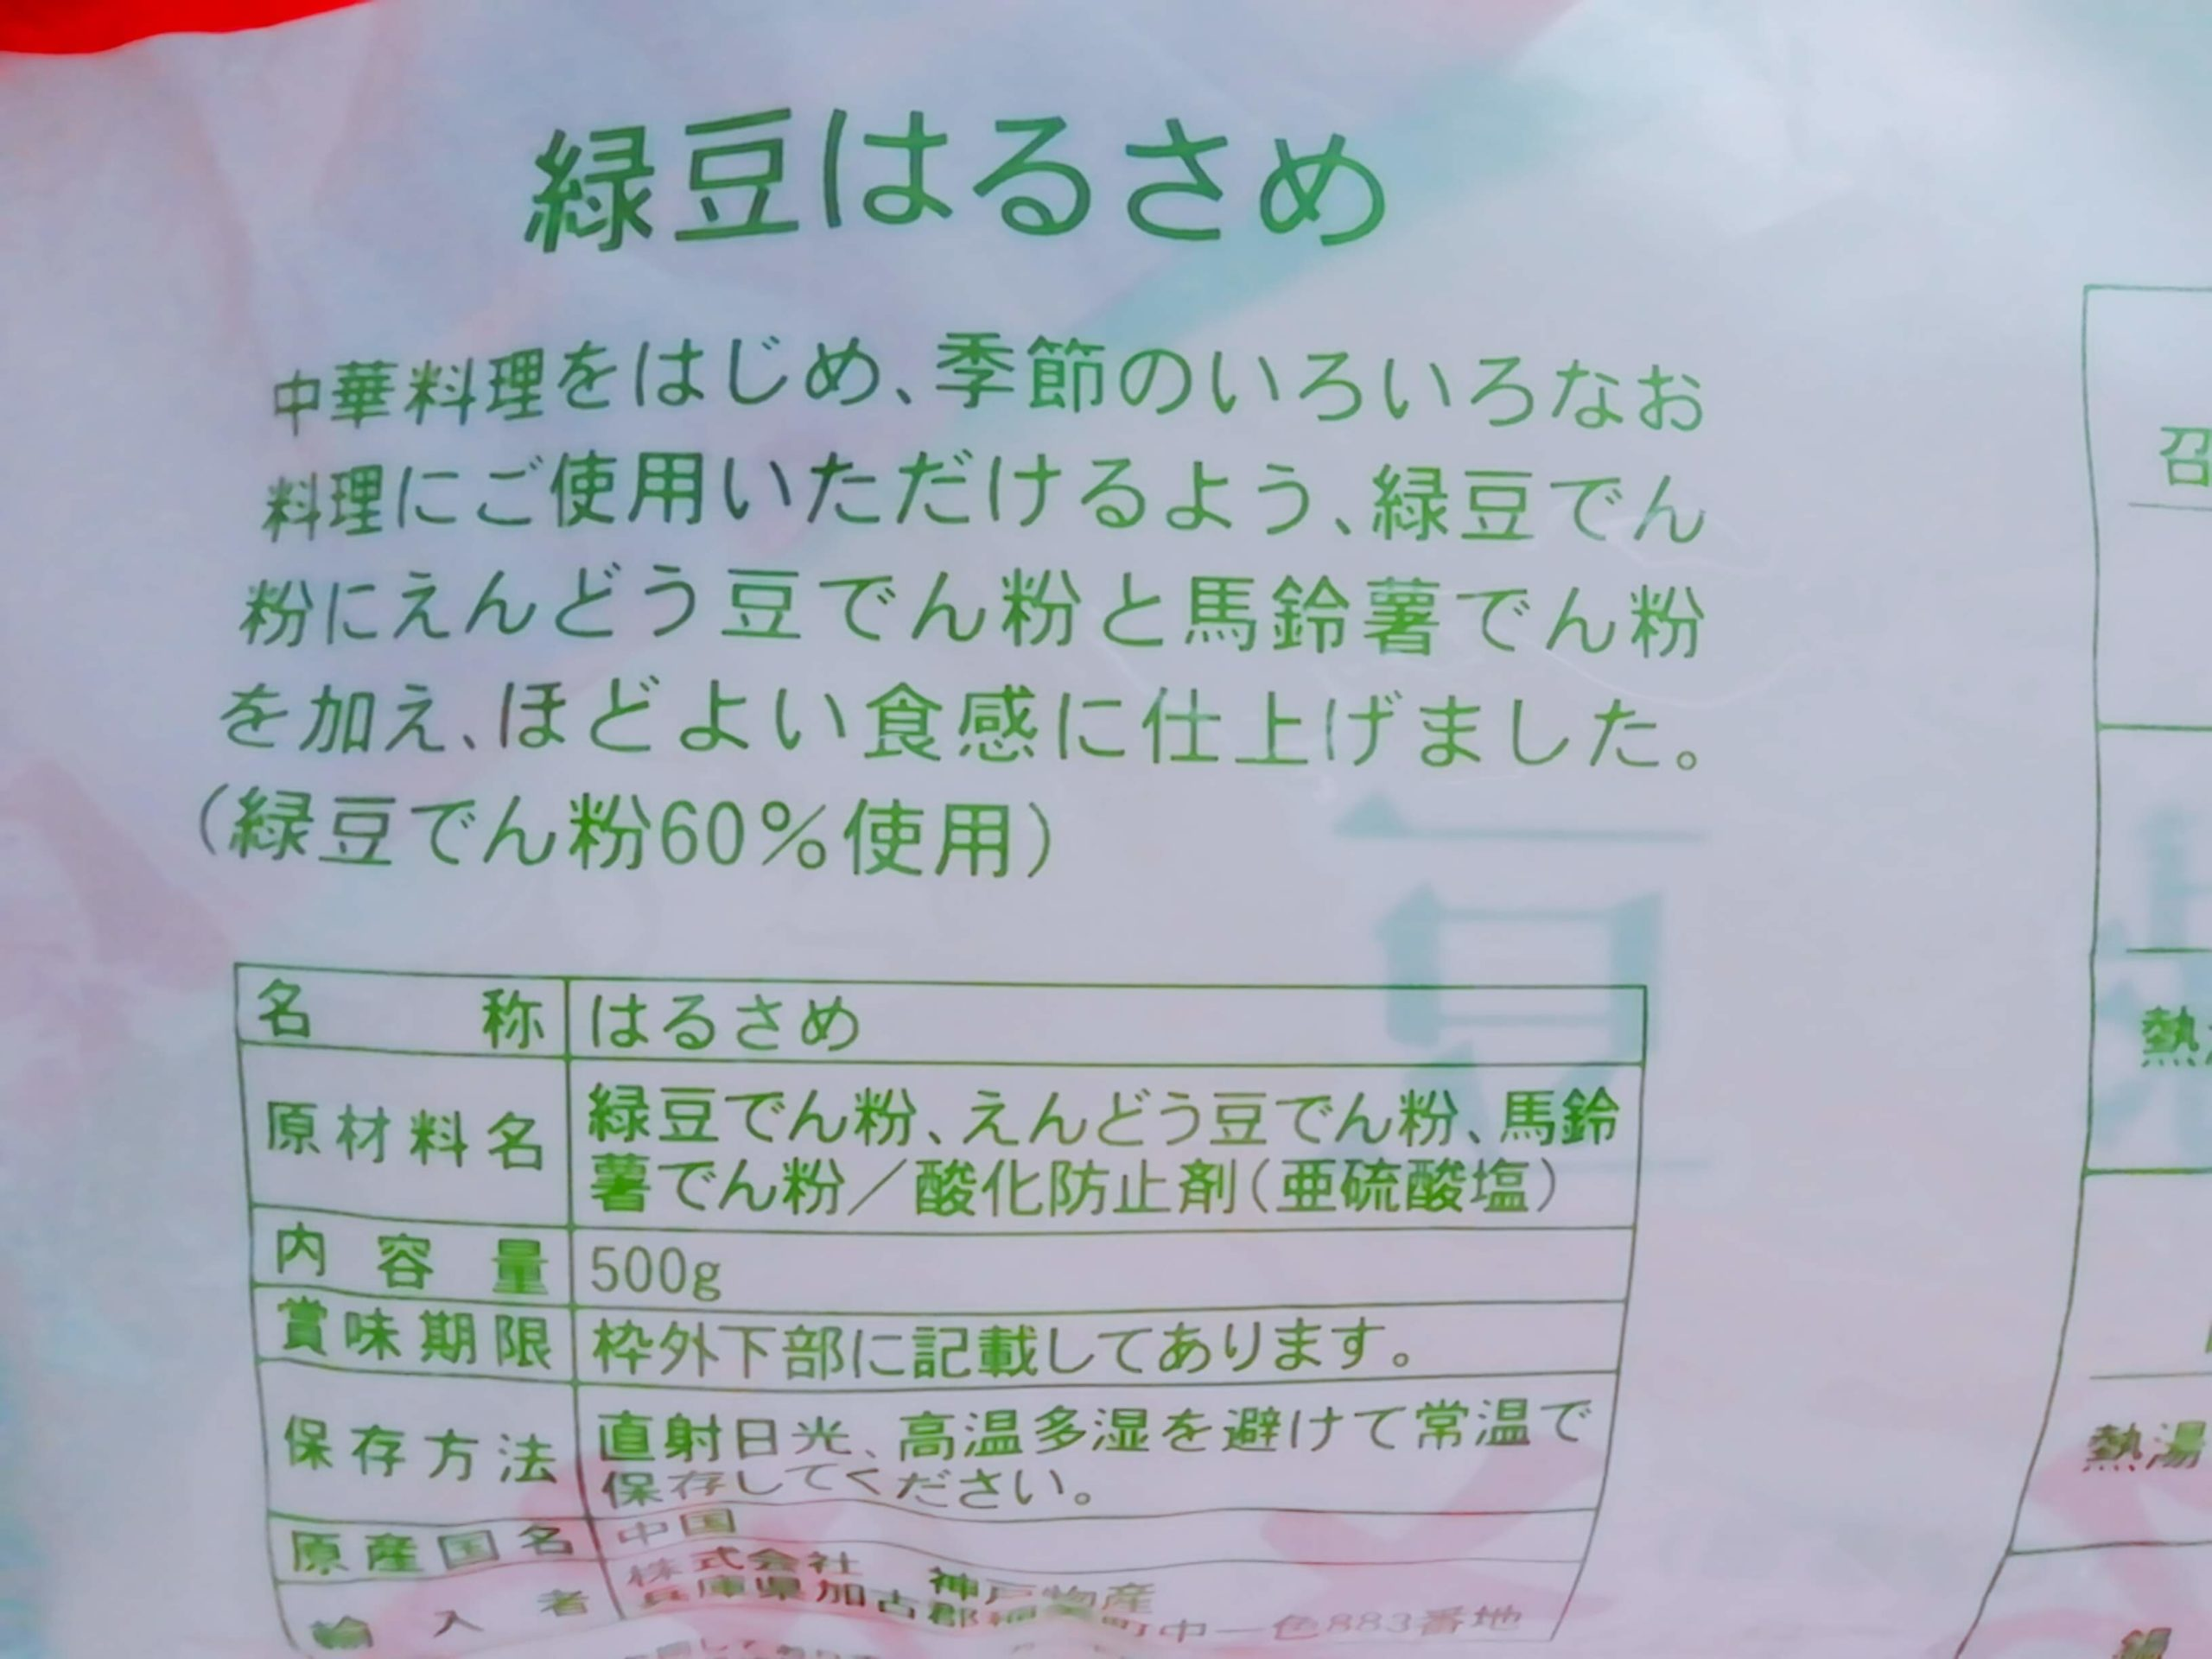 口が渇く&暑い!に効く夏バテ予防レシピ☆【簡単薬膳解説付き】